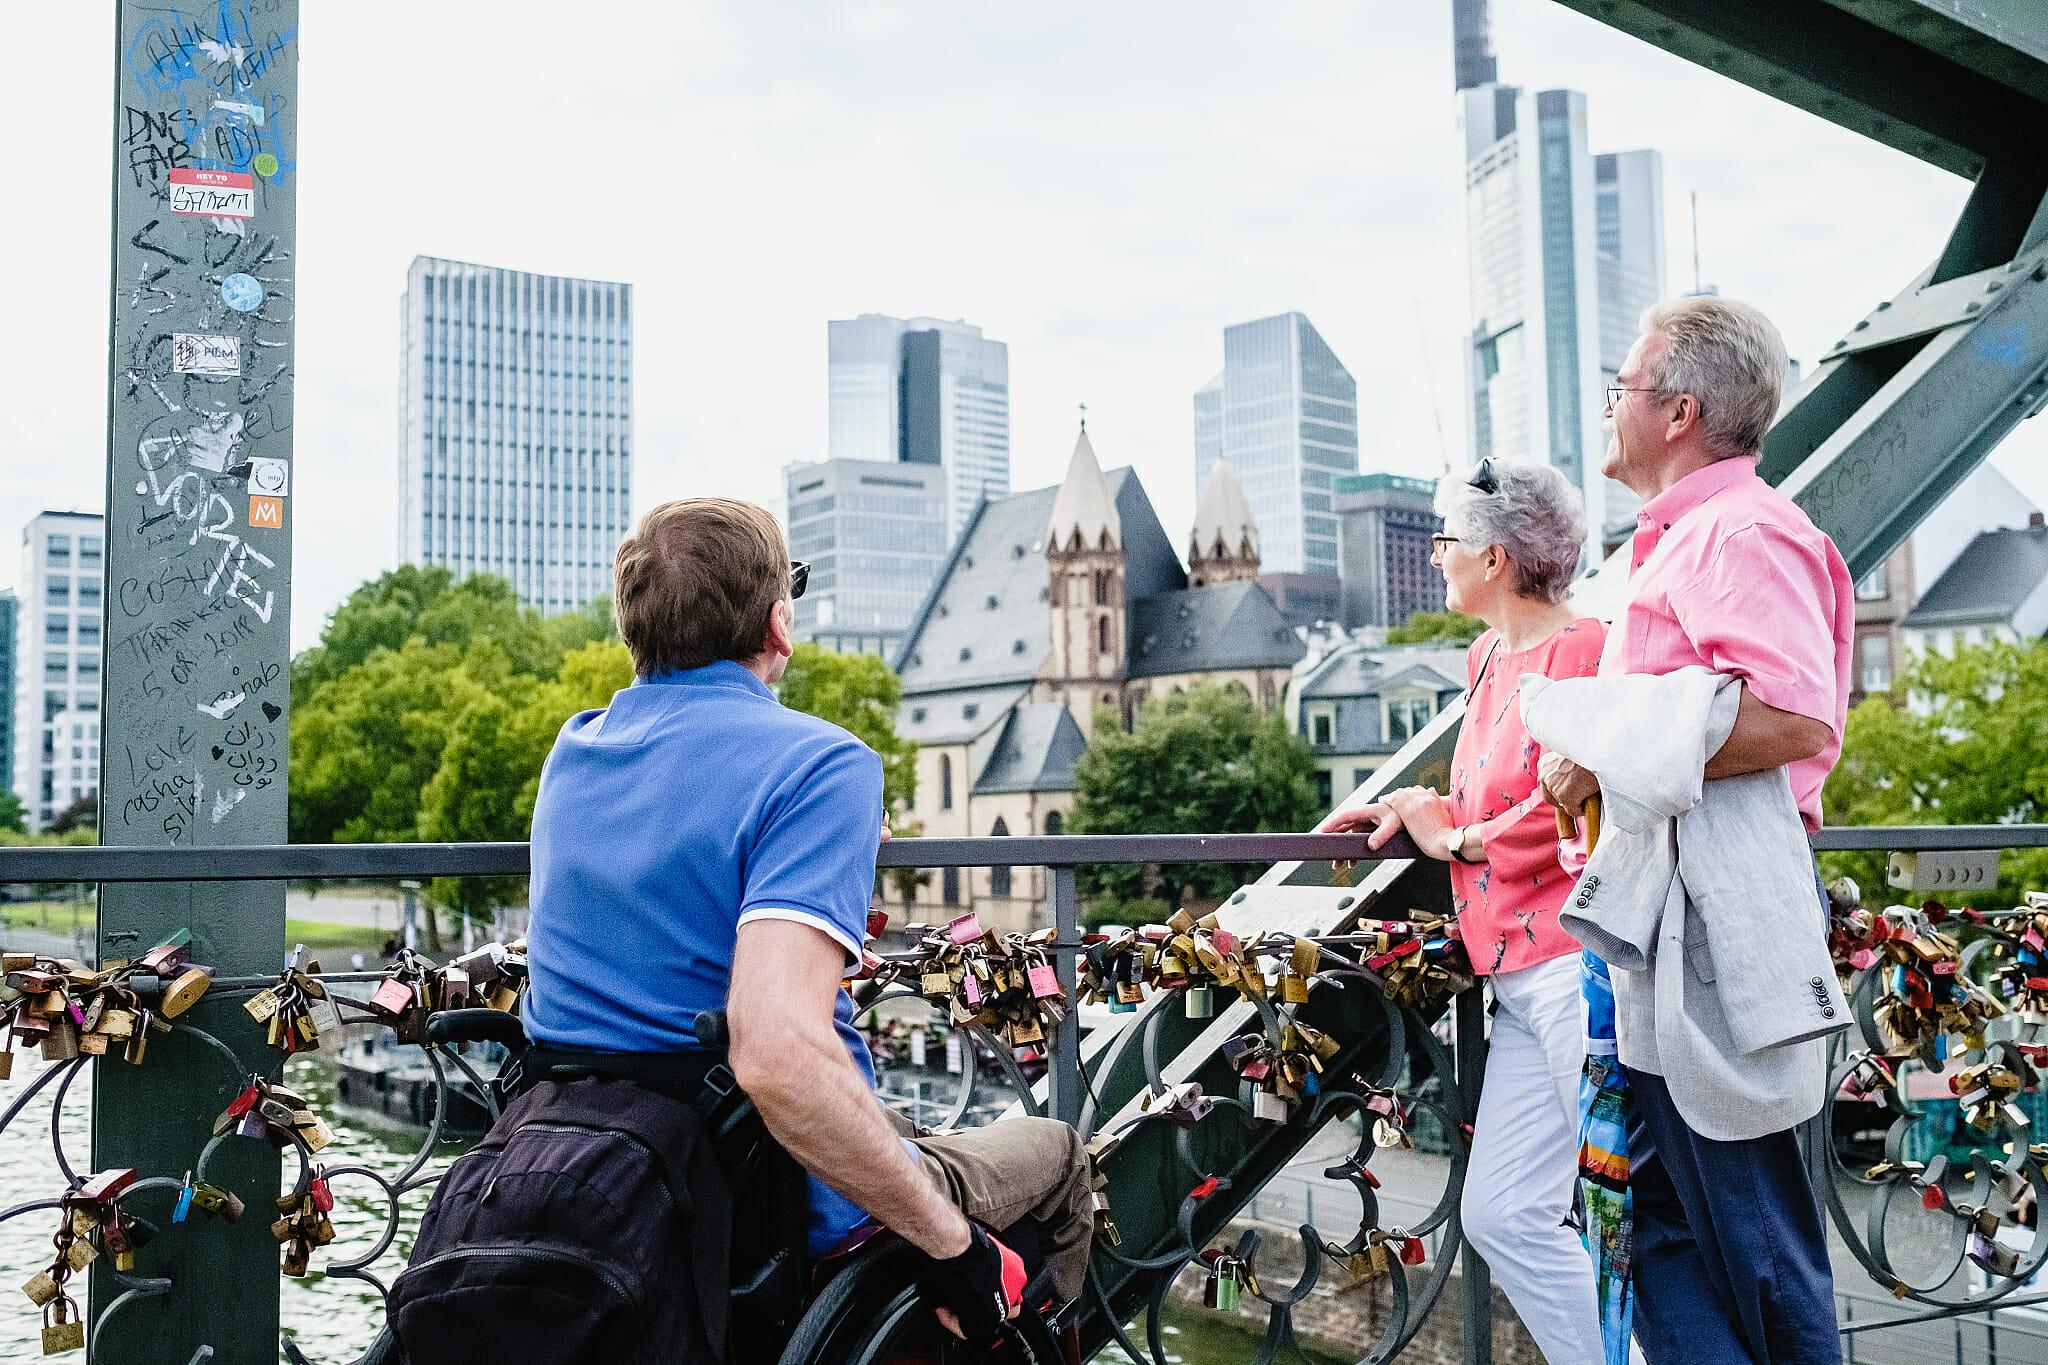 (c) Andi Weiland | Gesellschaftsbilder.de Barrierefreiheit in Frankfurt am Main #visitfrankfurt